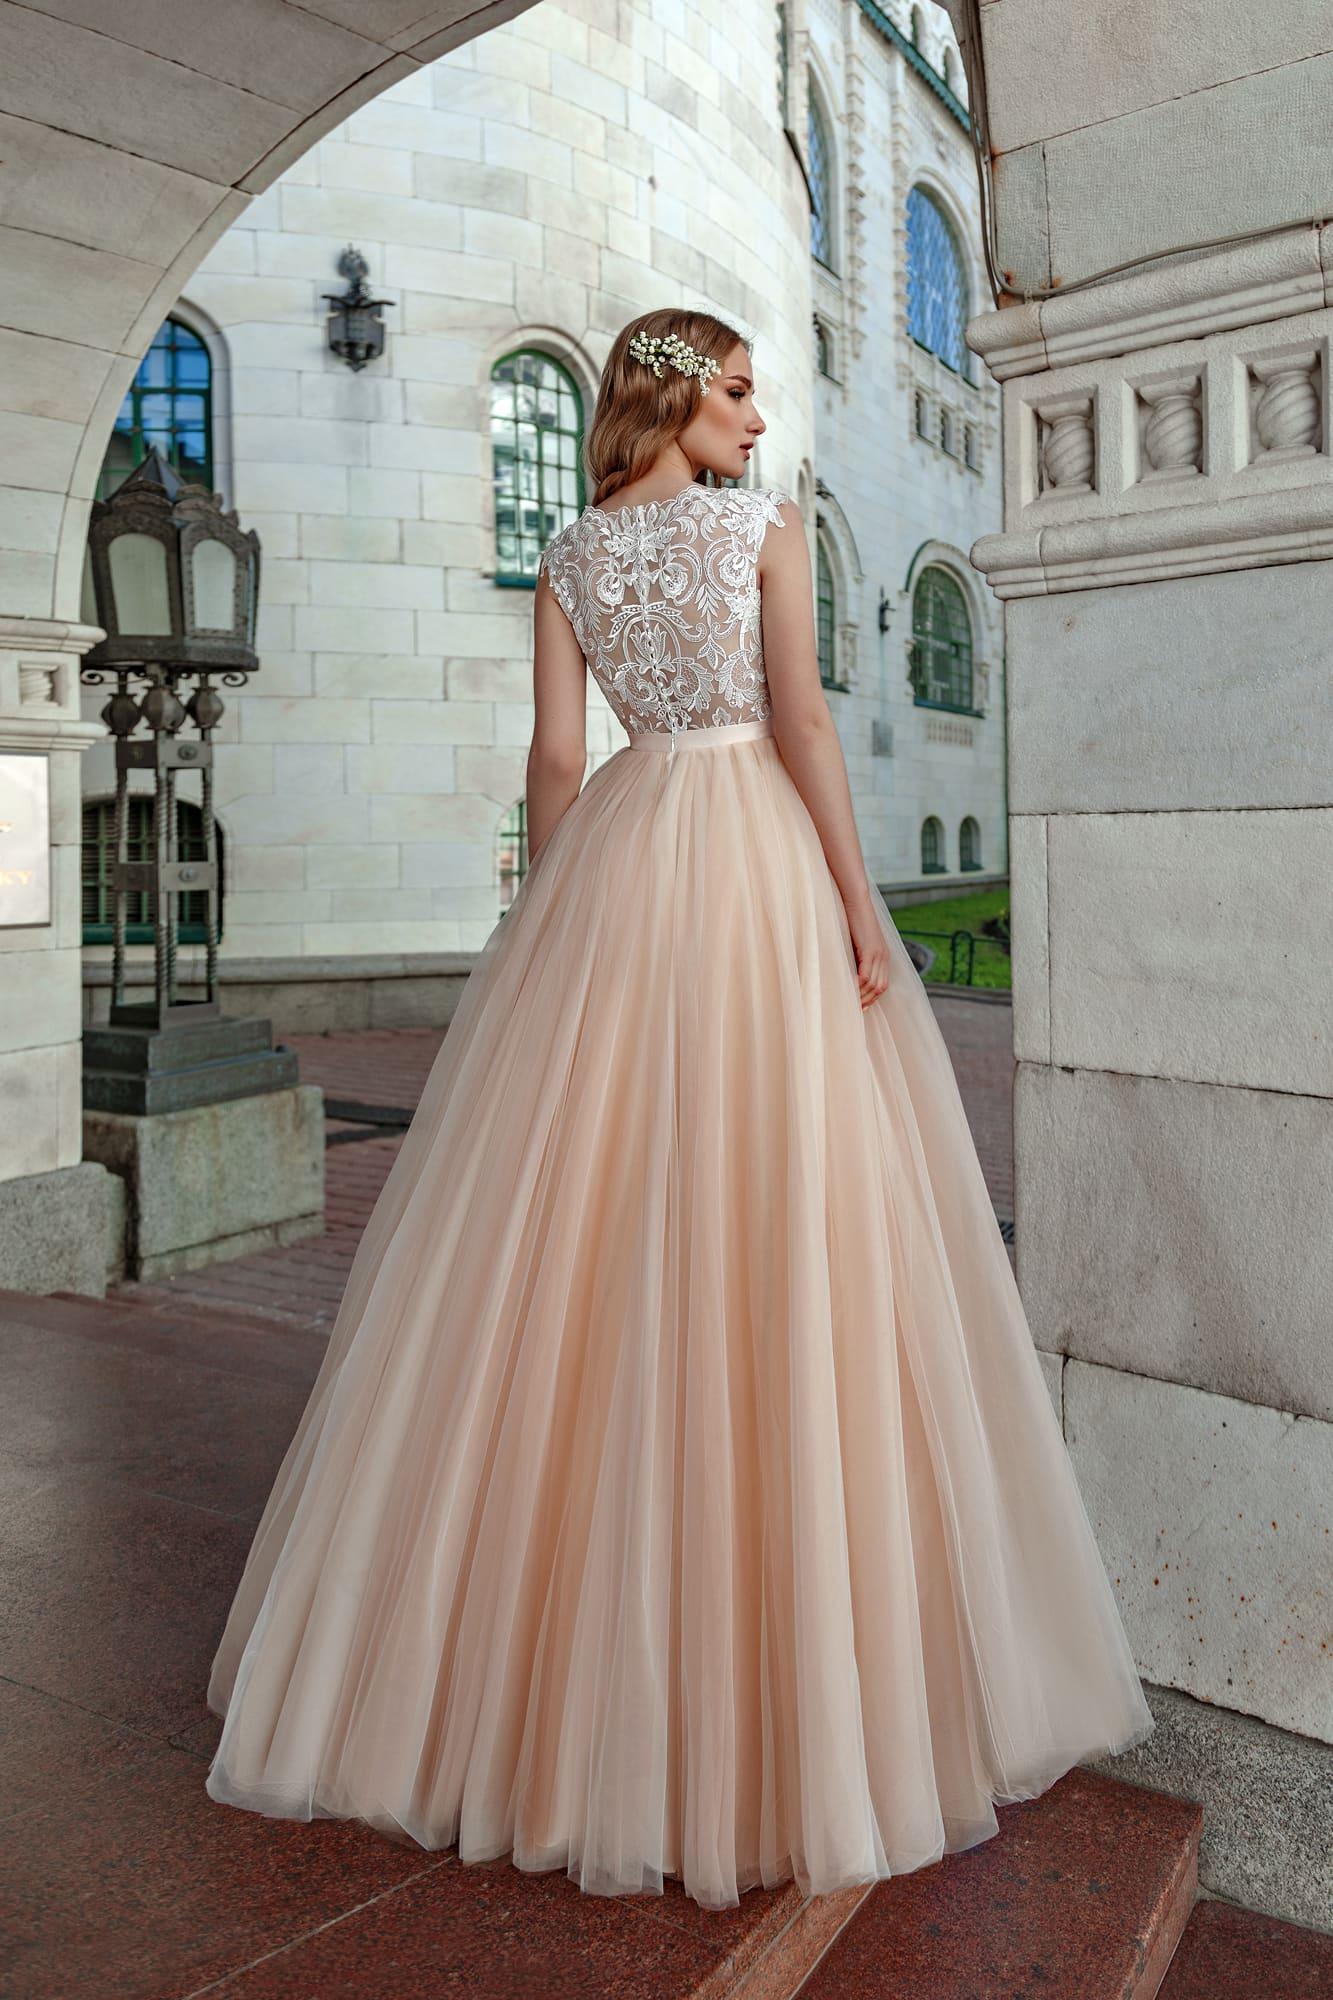 Свадебное платье с полупрозрачным верхом и пышной персиковой юбкой.